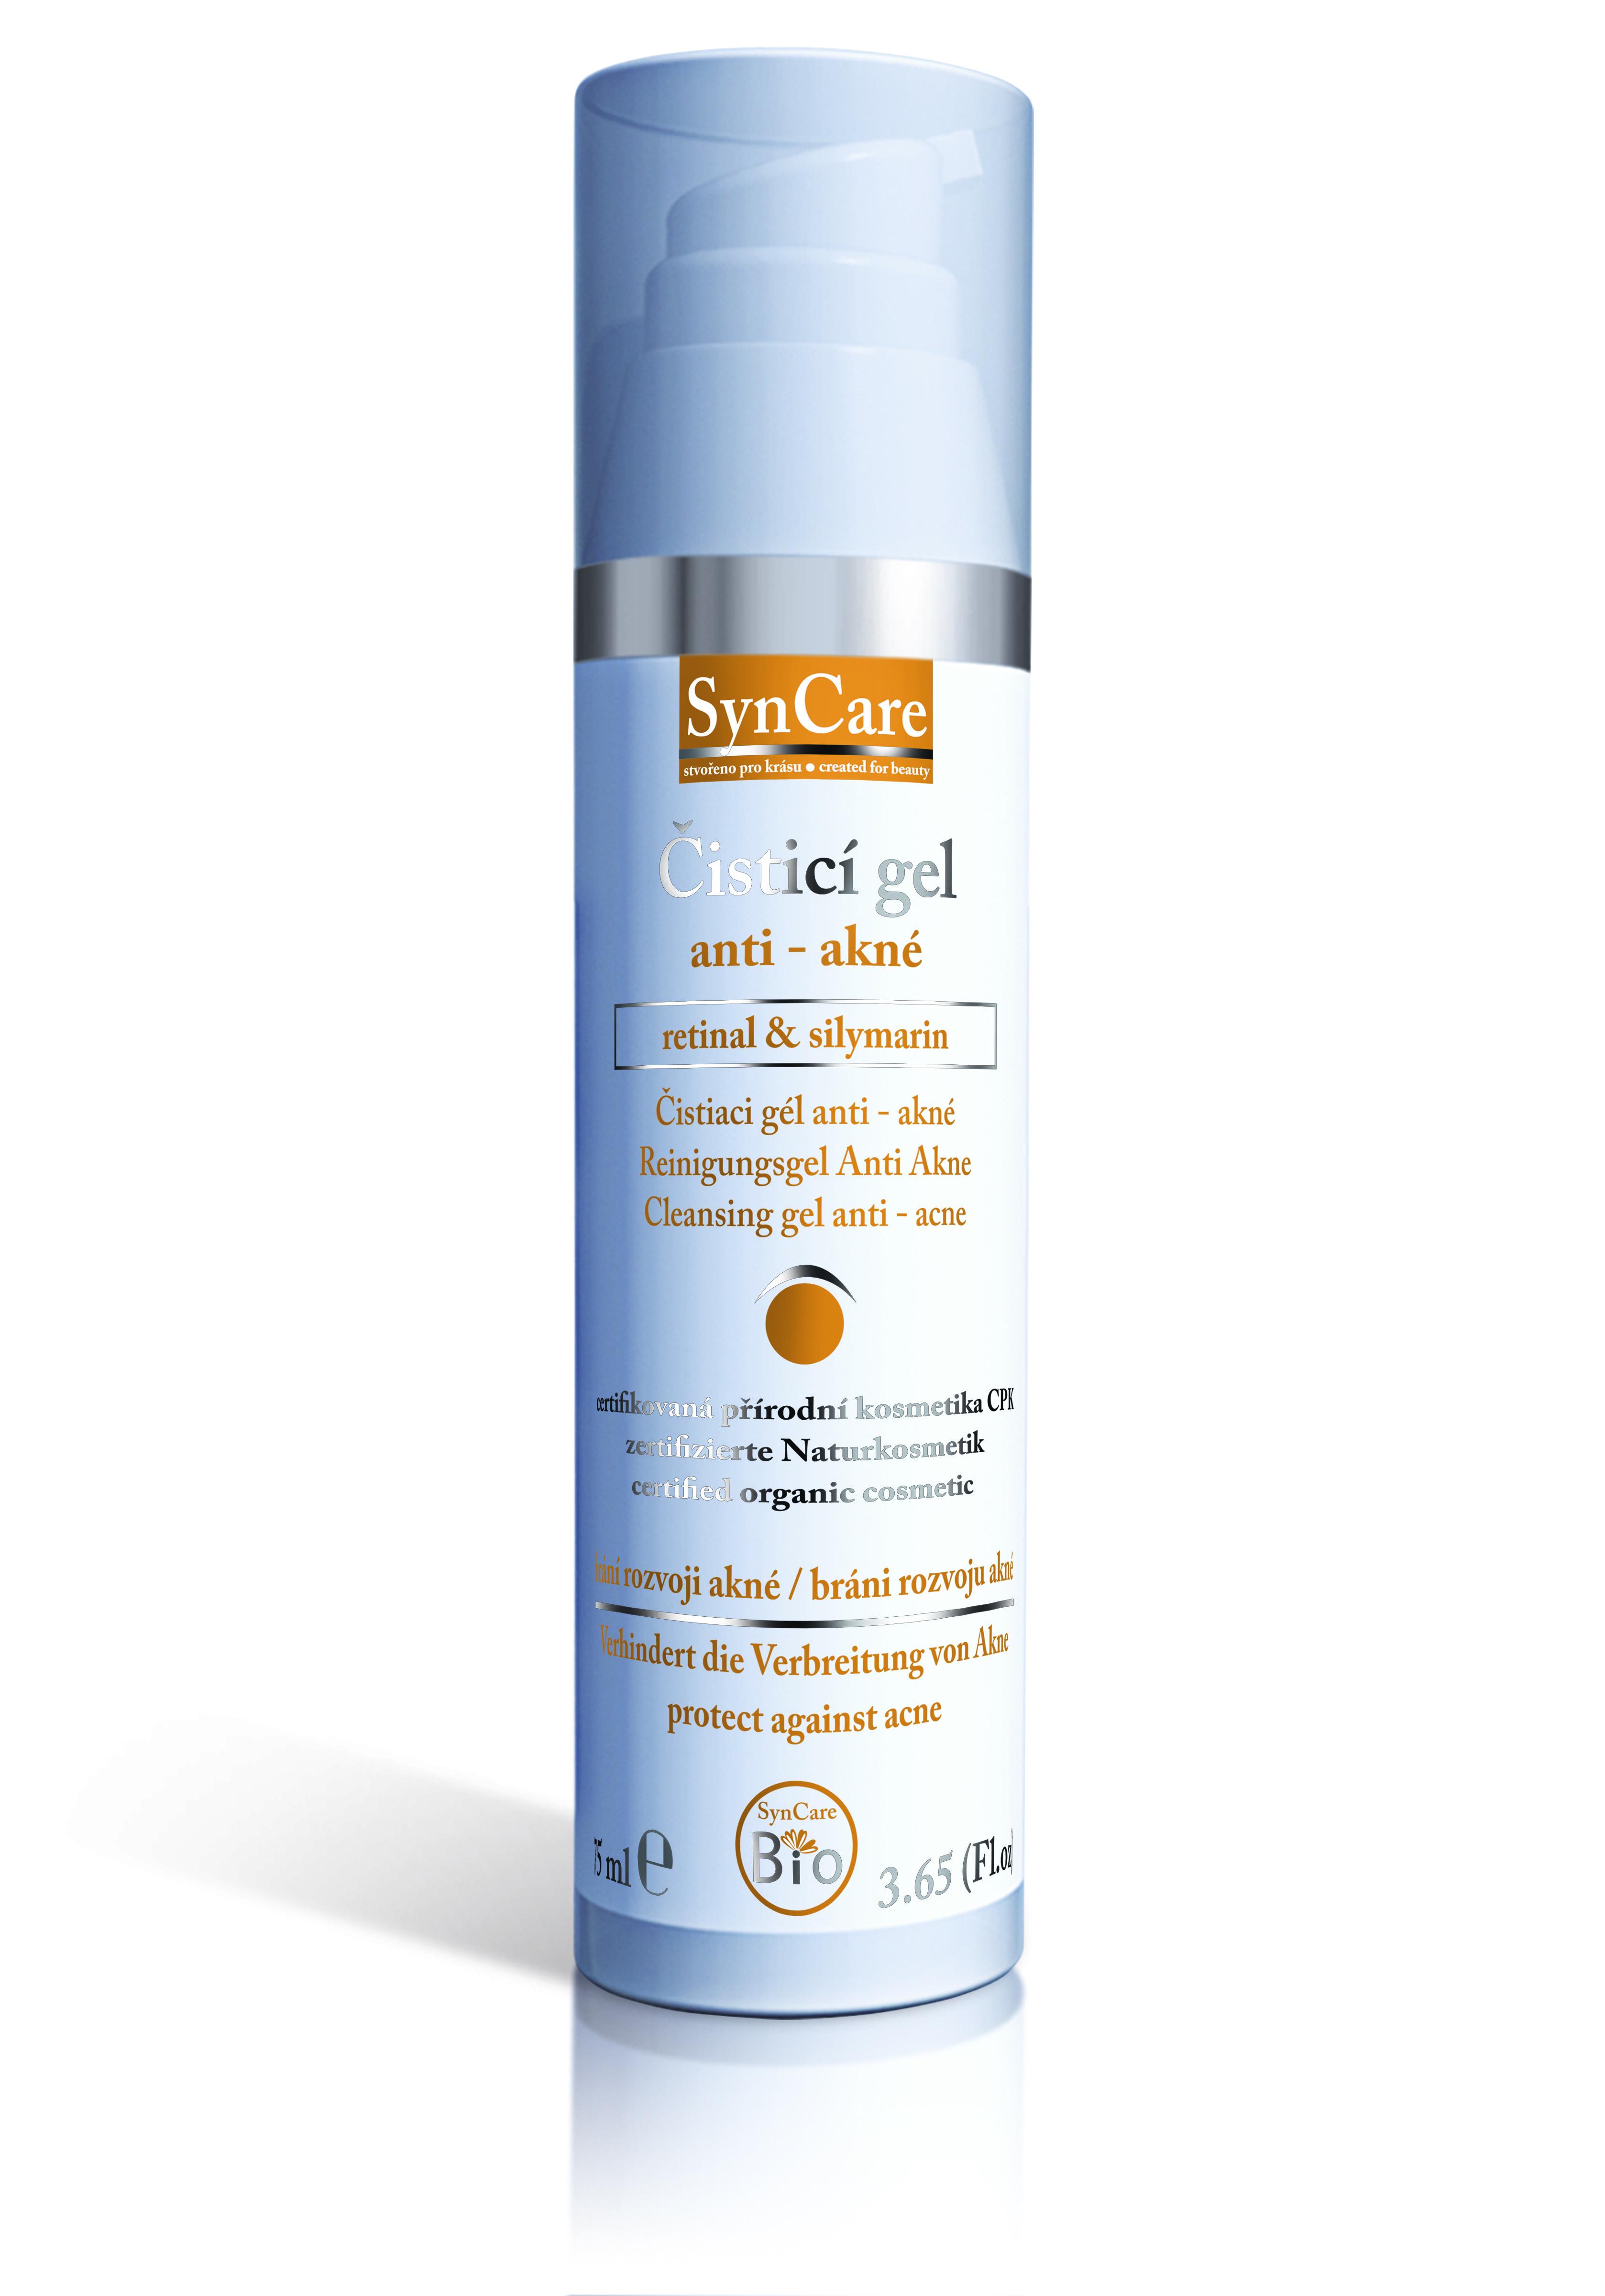 Syncare Čisticí gel Anti-akné 75 ml + DOPRAVA ZDARMA po celý rok!